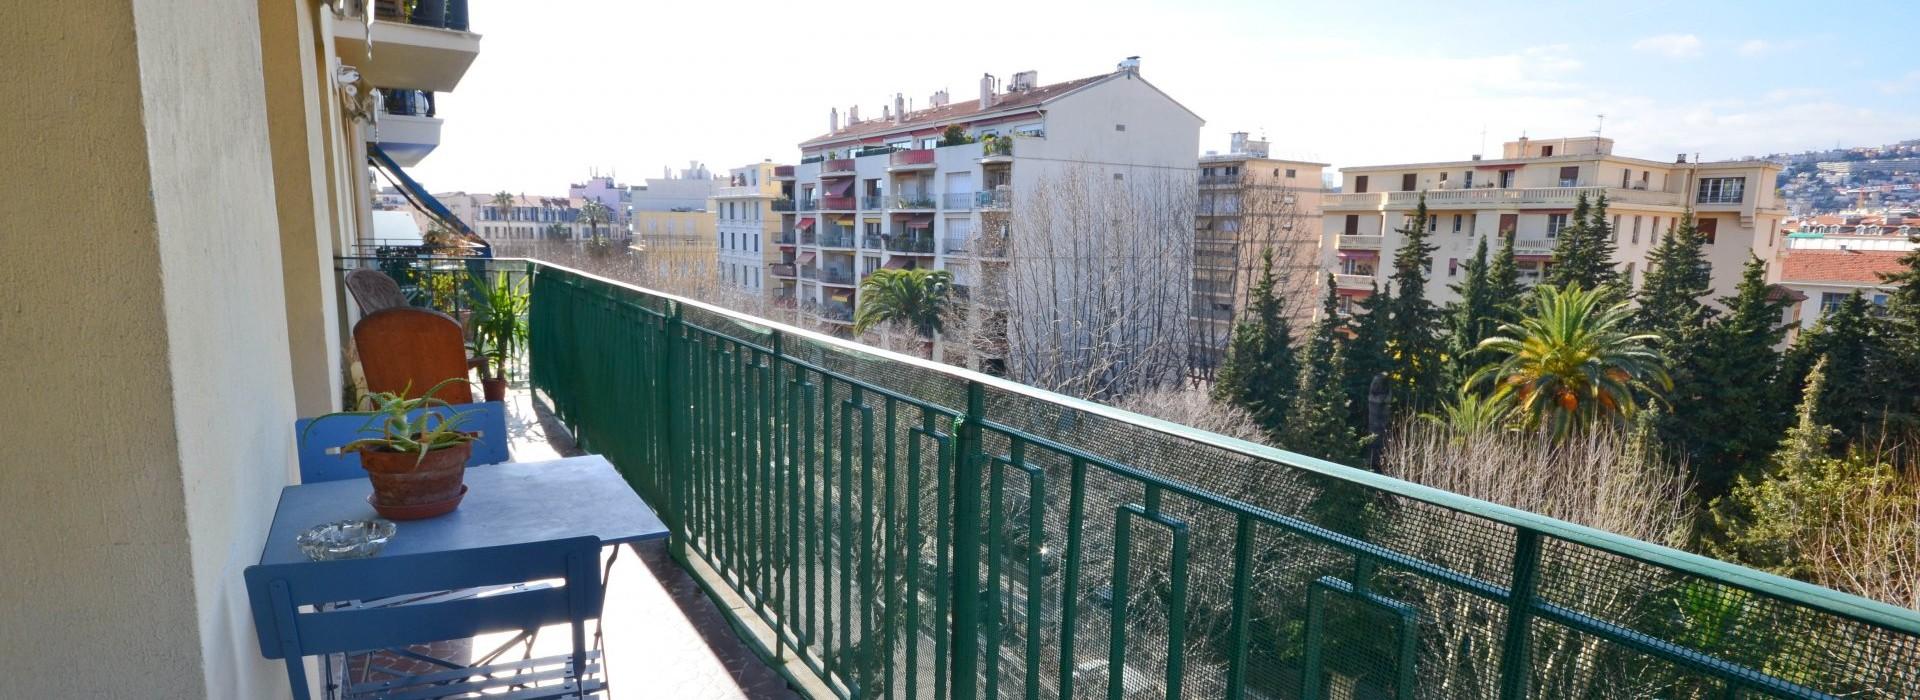 Appartement Nice 3 Pièces 52m2 375,000€